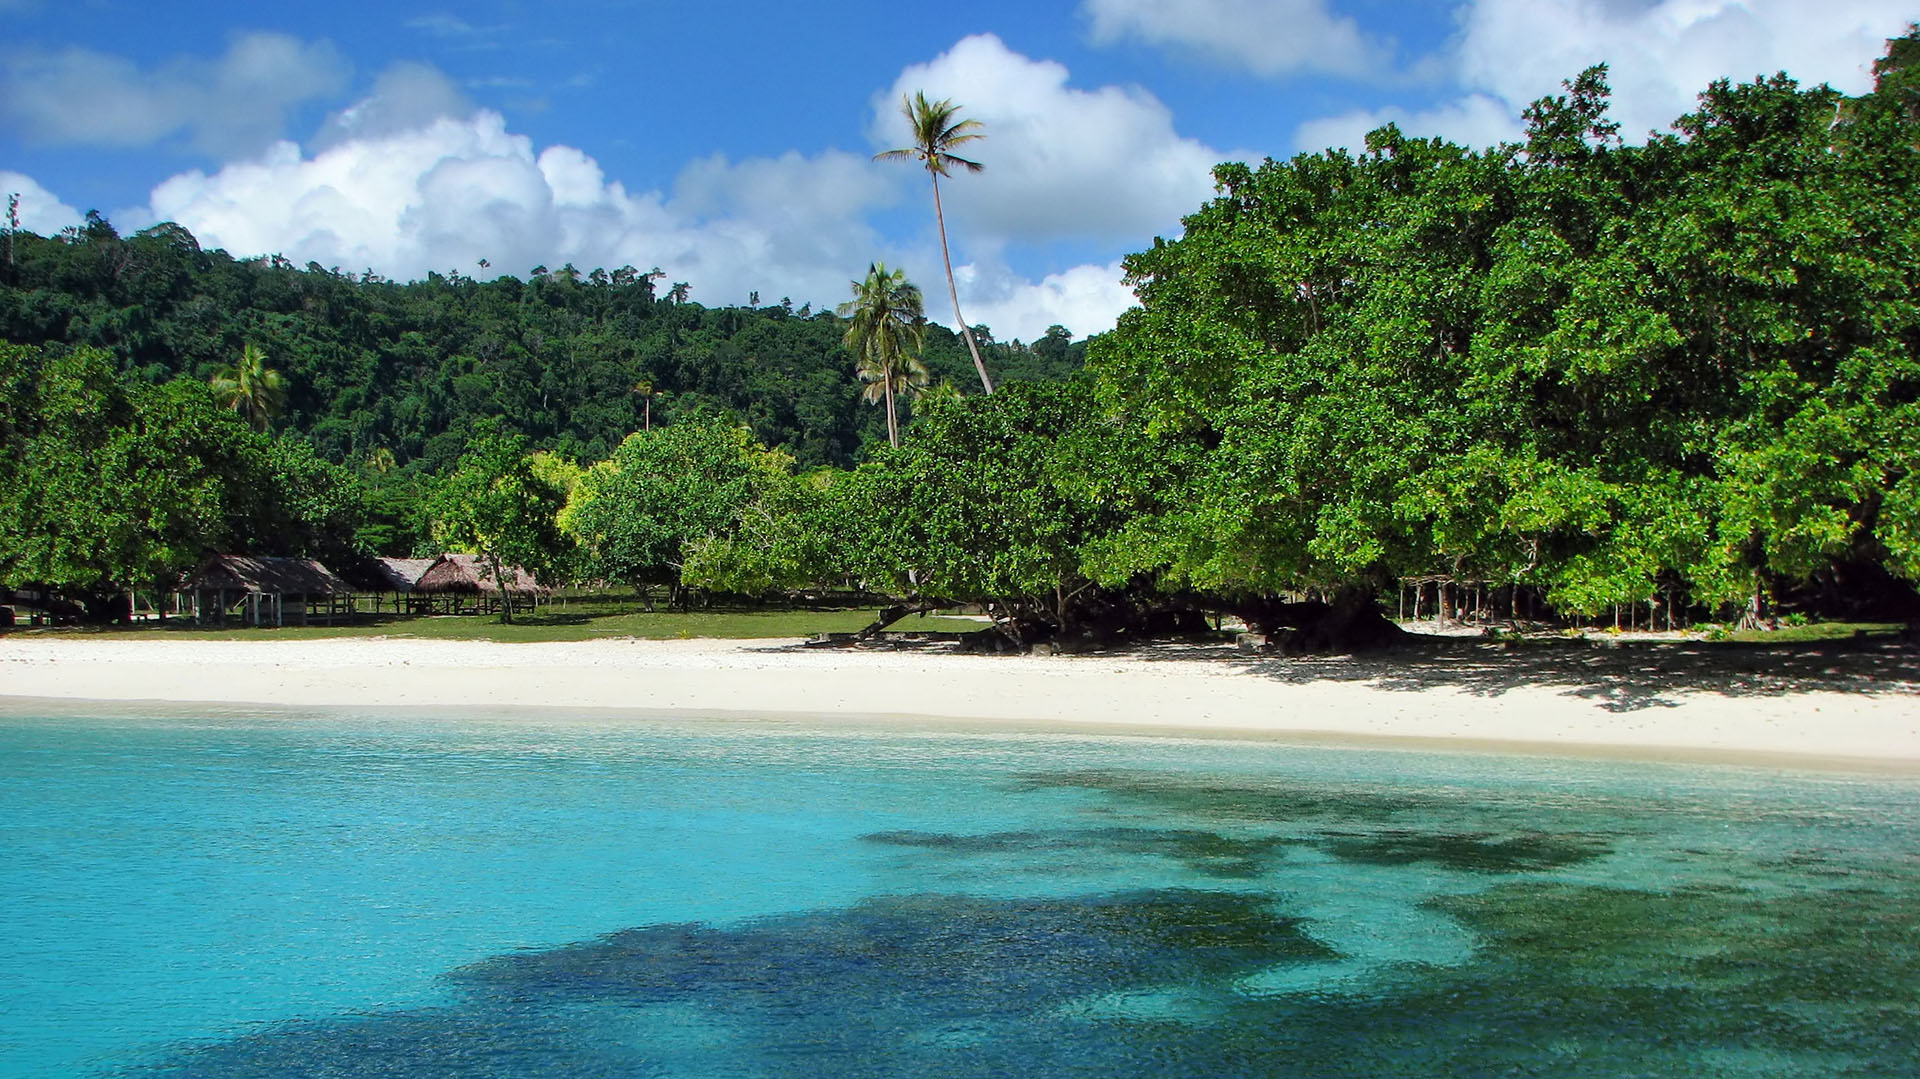 Una de las playas más pintorescas del mundo, tiene aguas cristalinas y arena tan blanca que parece transparente. En Champagne Beach se puede disfrutar de puestos de fruta fresca, cangrejo y langosta recién preparados y cabañas que dan al océano